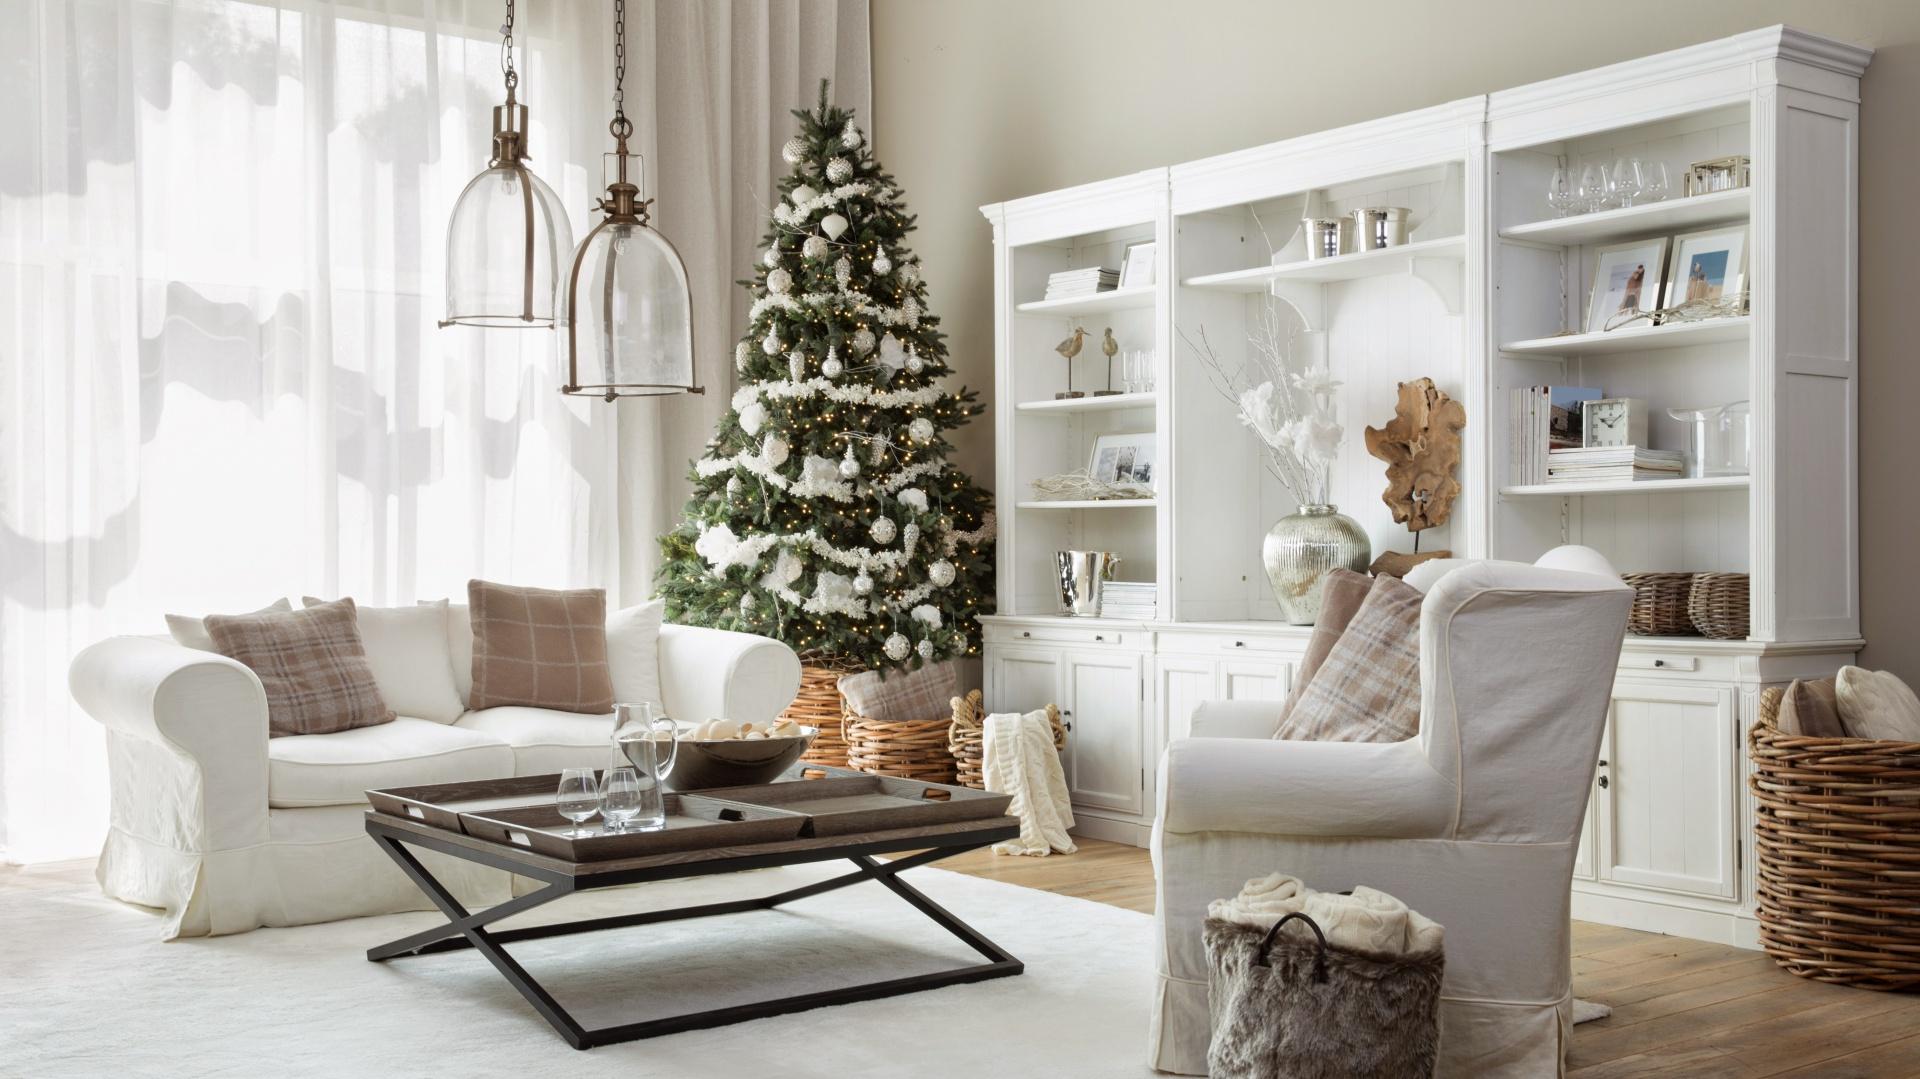 Meble i dodatki z oferty marki Flamant zapewnią śnieżnobiały klimat na cały rok. Fot. Flamant.